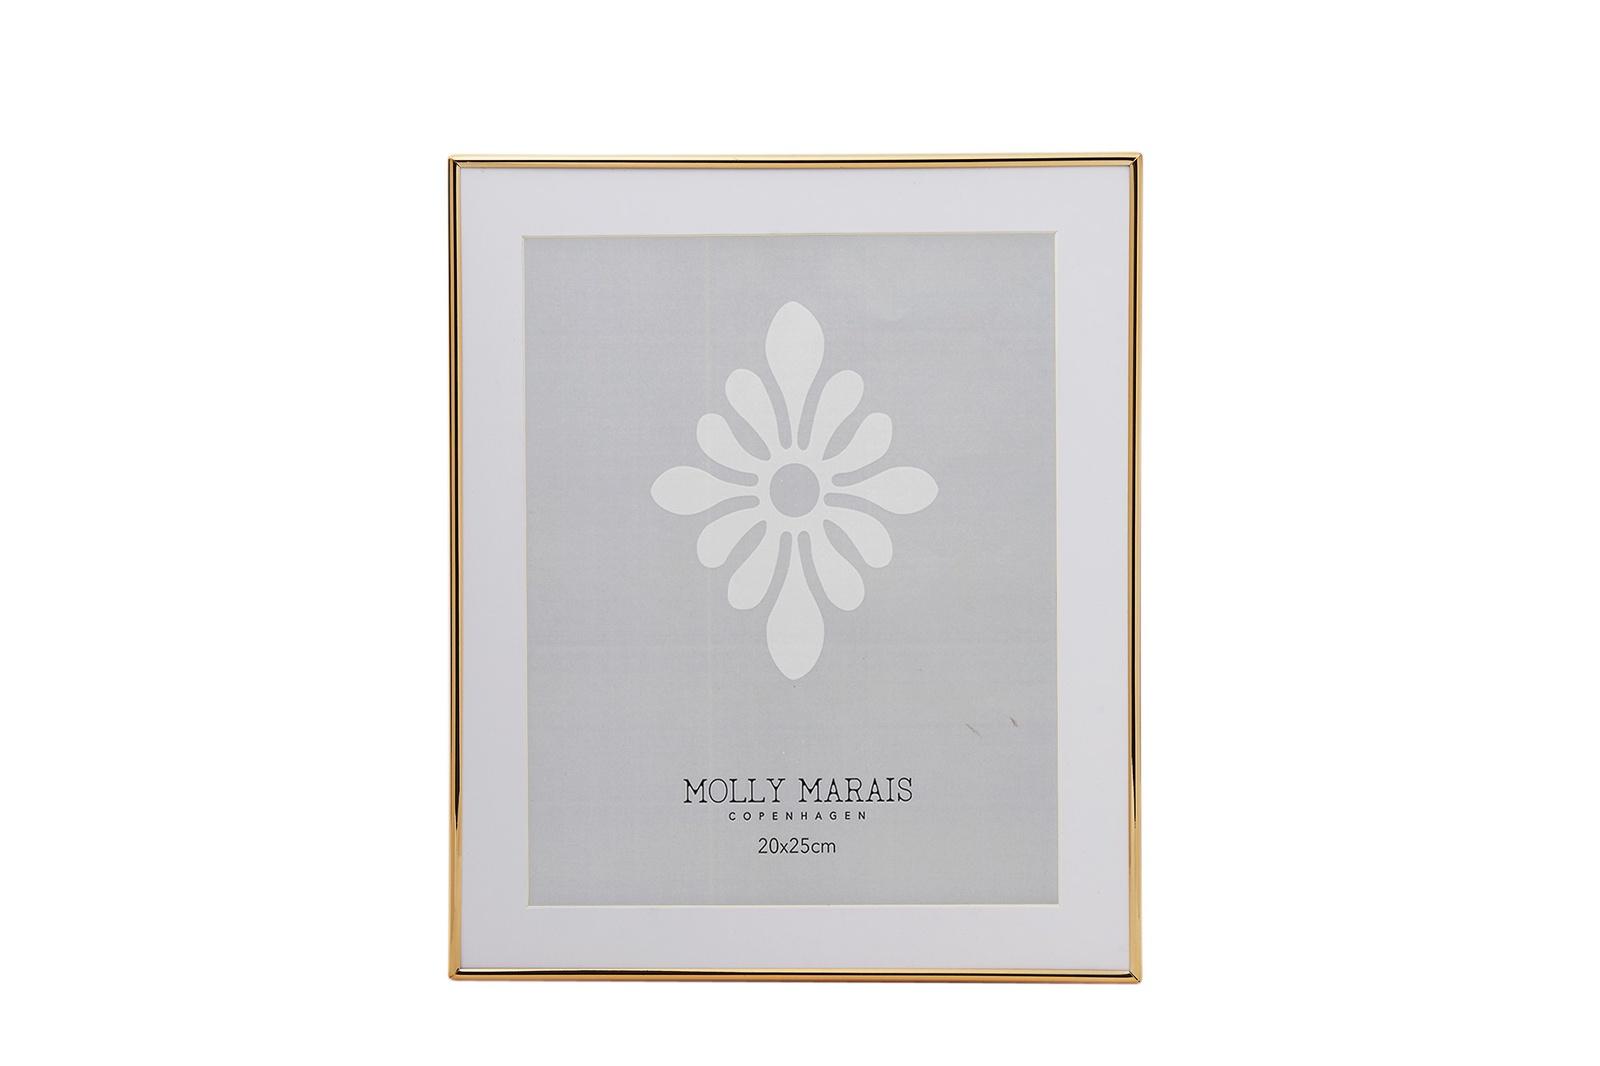 Фоторамка Molly Marais Gold, Размер: Ширина 25,6, длина 30,9., Цвет: Золотой, FR610012